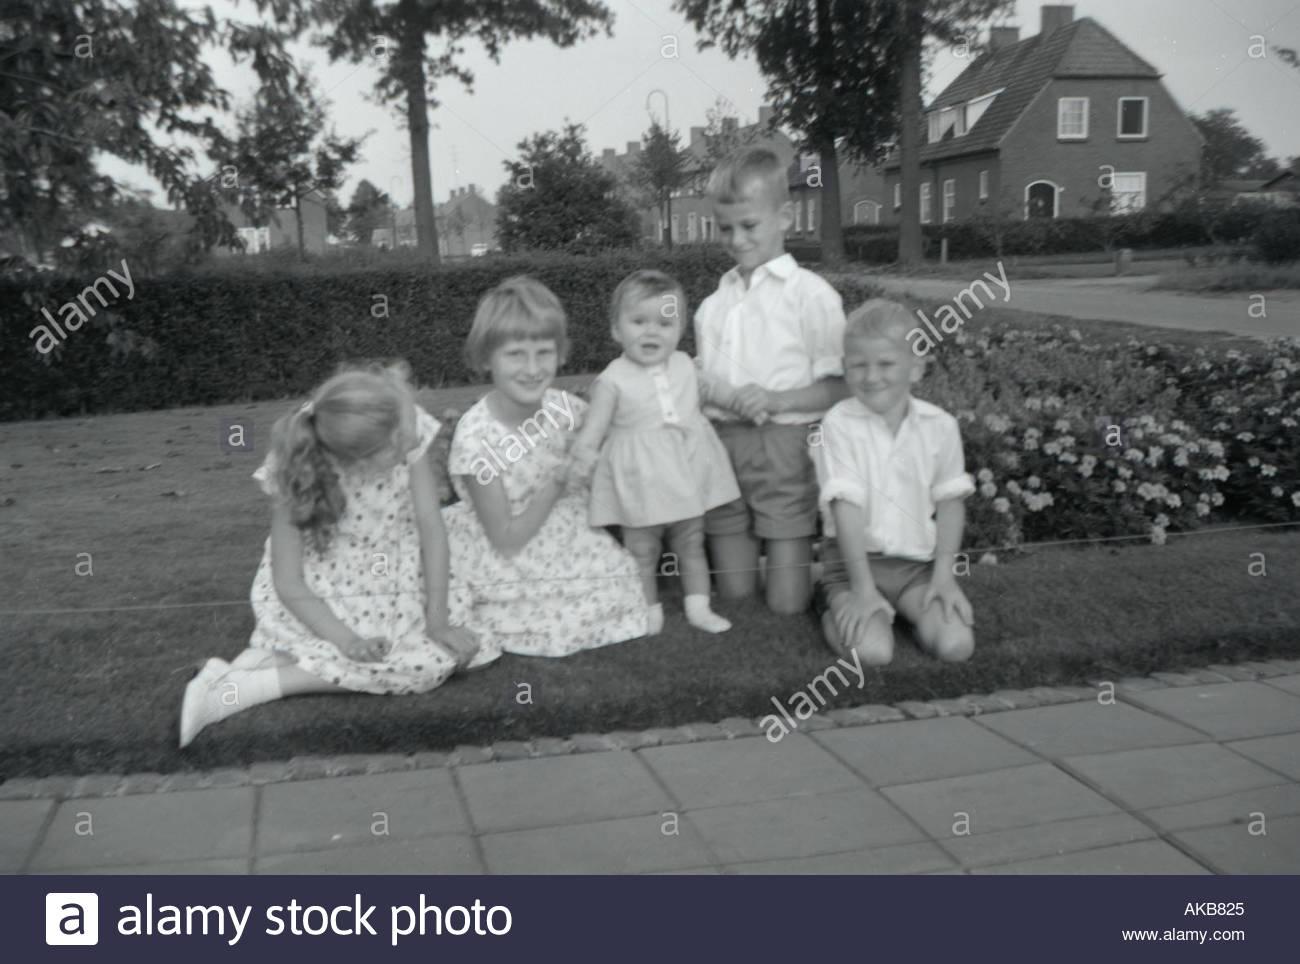 Filles et garçons posant pour une photo de famille 1960 s Photo Stock